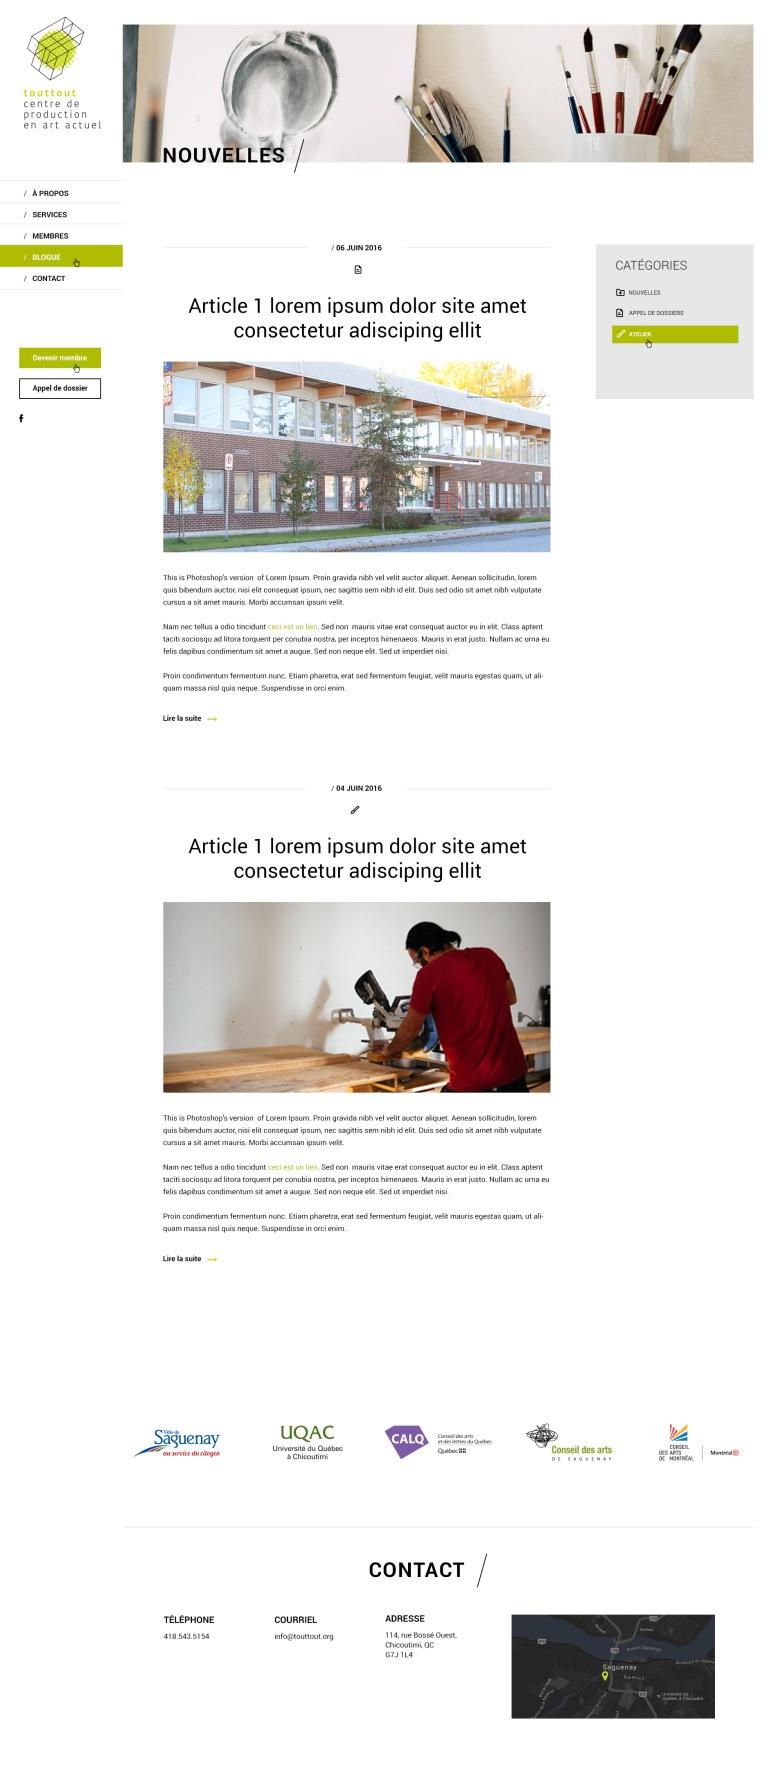 Page de blogue - Ateliers ToutTout